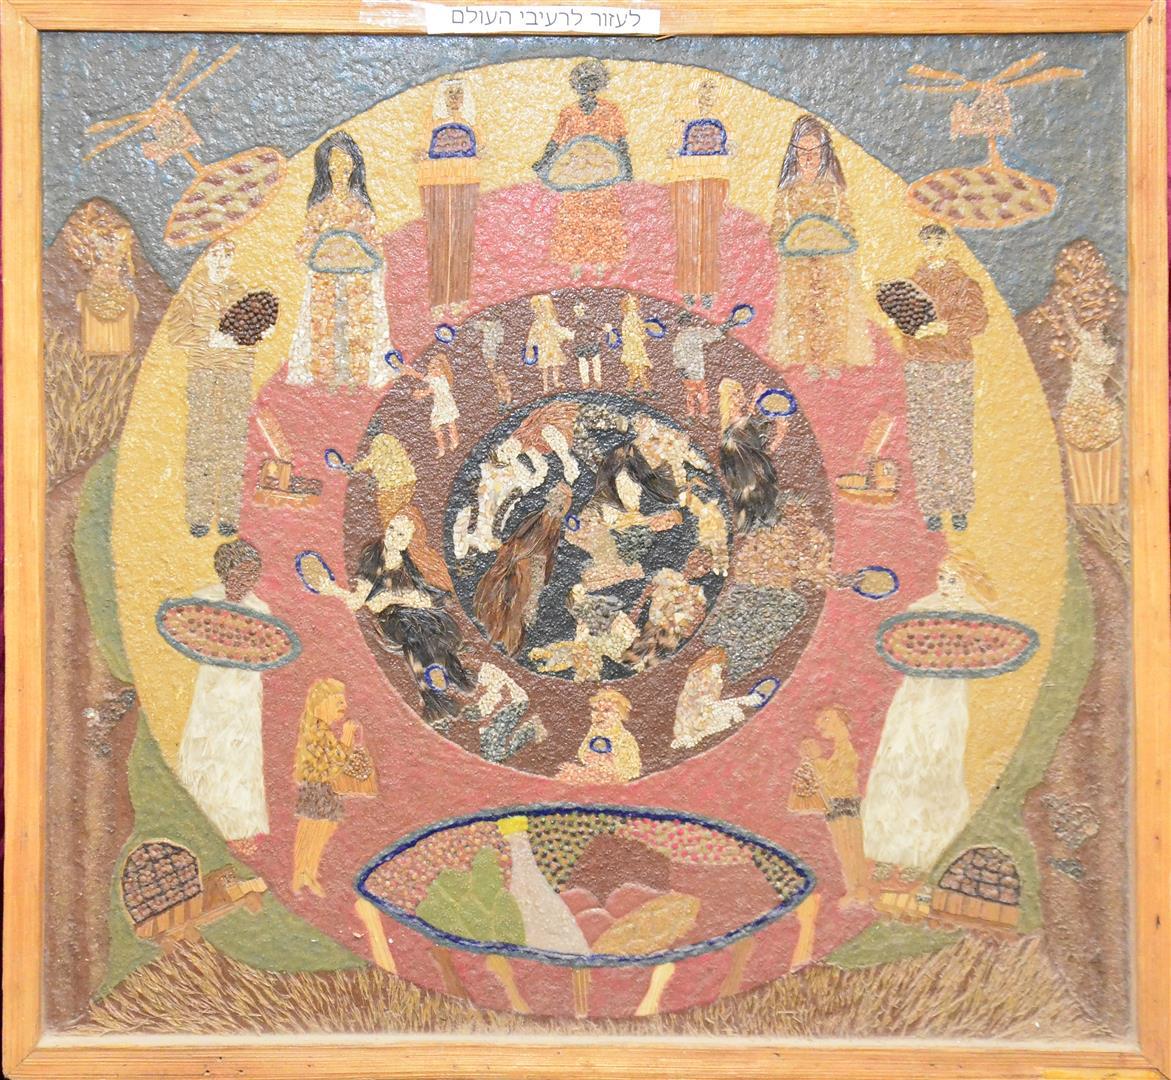 יצירה של מלך ברגר  הקוראת לעזור לאנשיים עניים